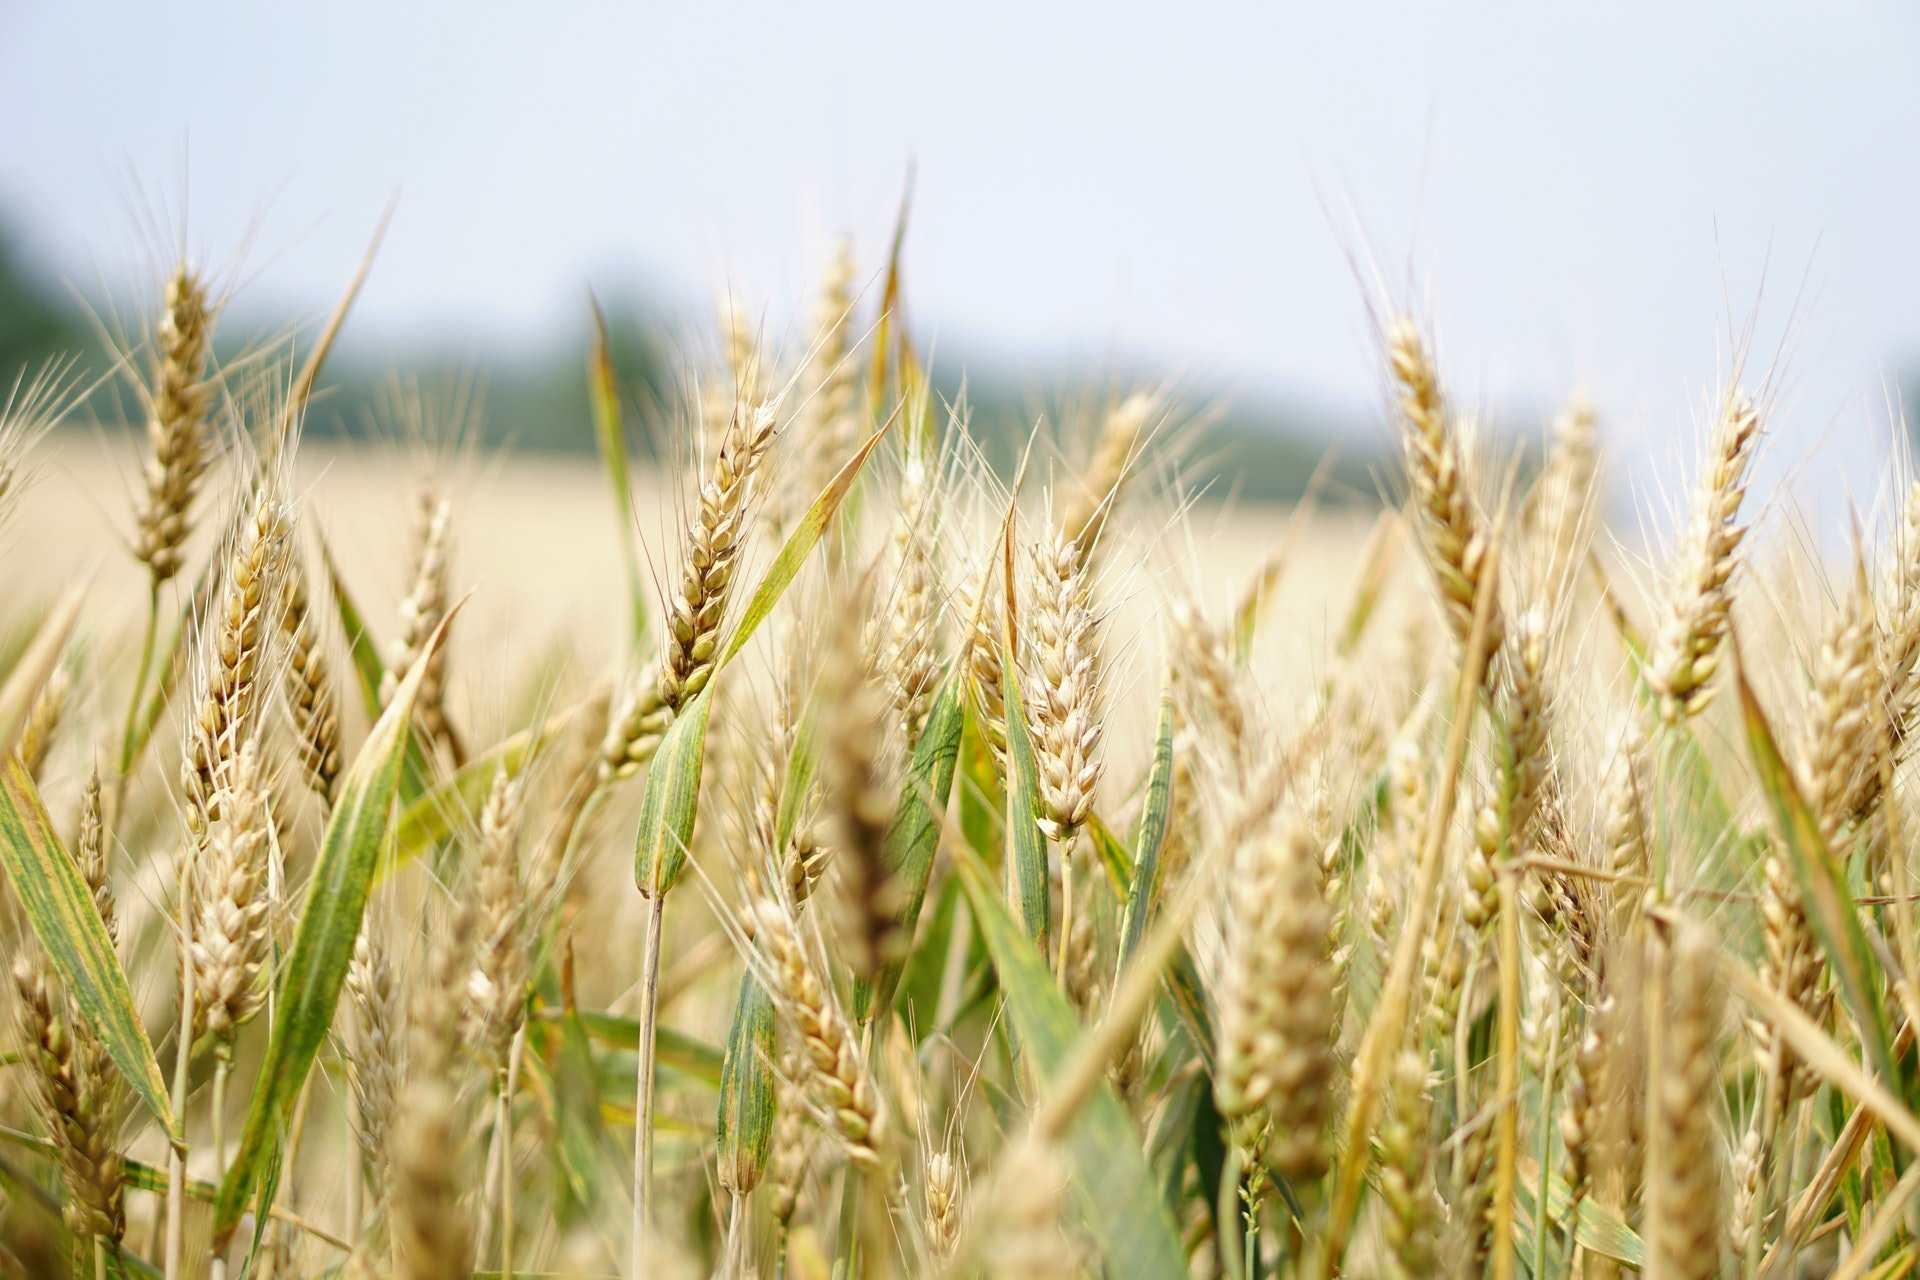 В России ждут рекордный урожай зерна. Снизят ли цену на хлеб?